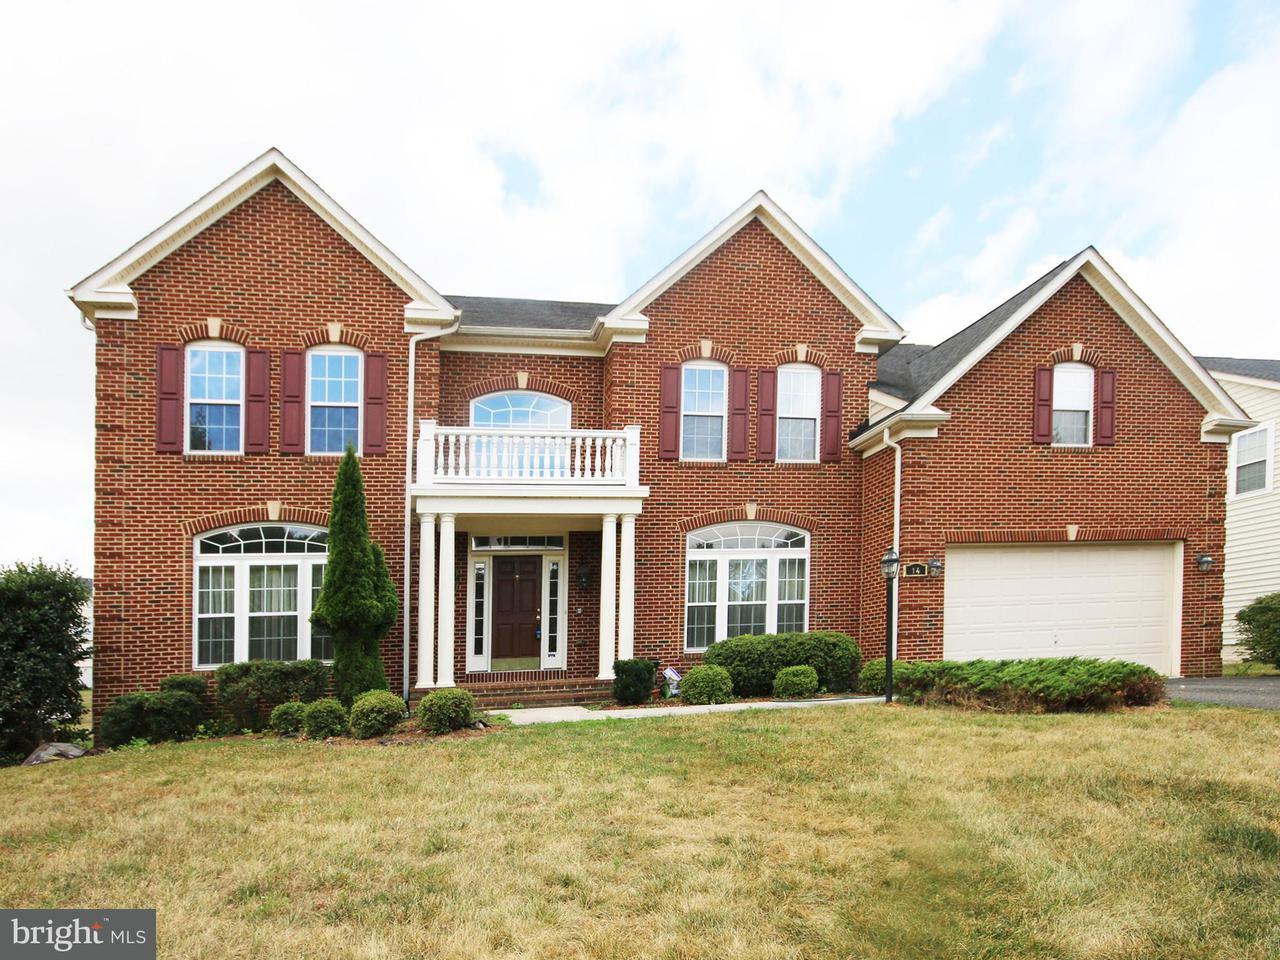 Einfamilienhaus für Verkauf beim 14 FARMINGTON RD W 14 FARMINGTON RD W Accokeek, Maryland 20607 Vereinigte Staaten